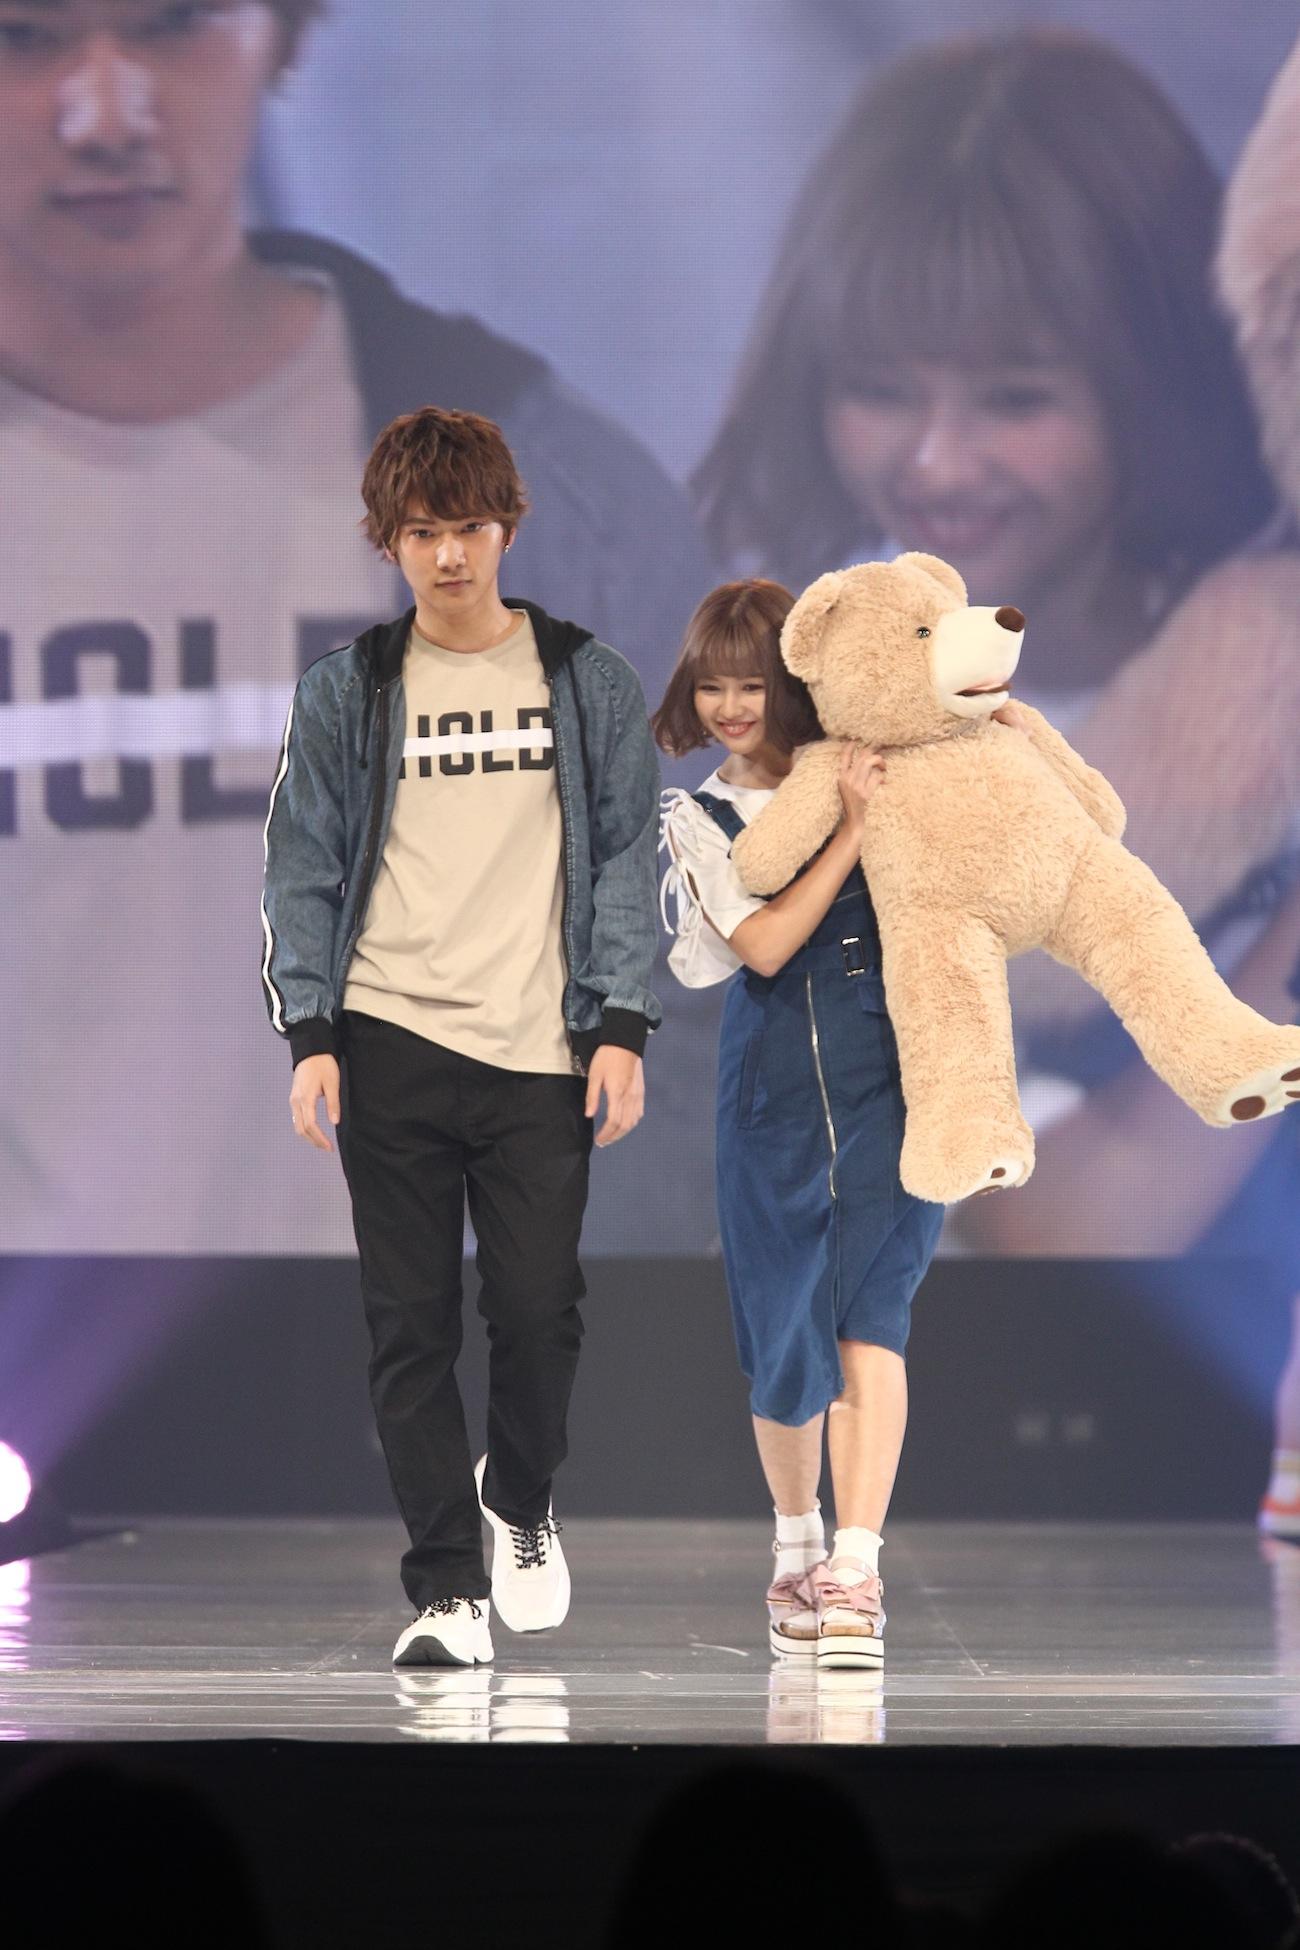 徳本夏恵(なちょす)と那須泰斗/神戸コレクション 2019SS・Popteen stage(2019年3月3日)